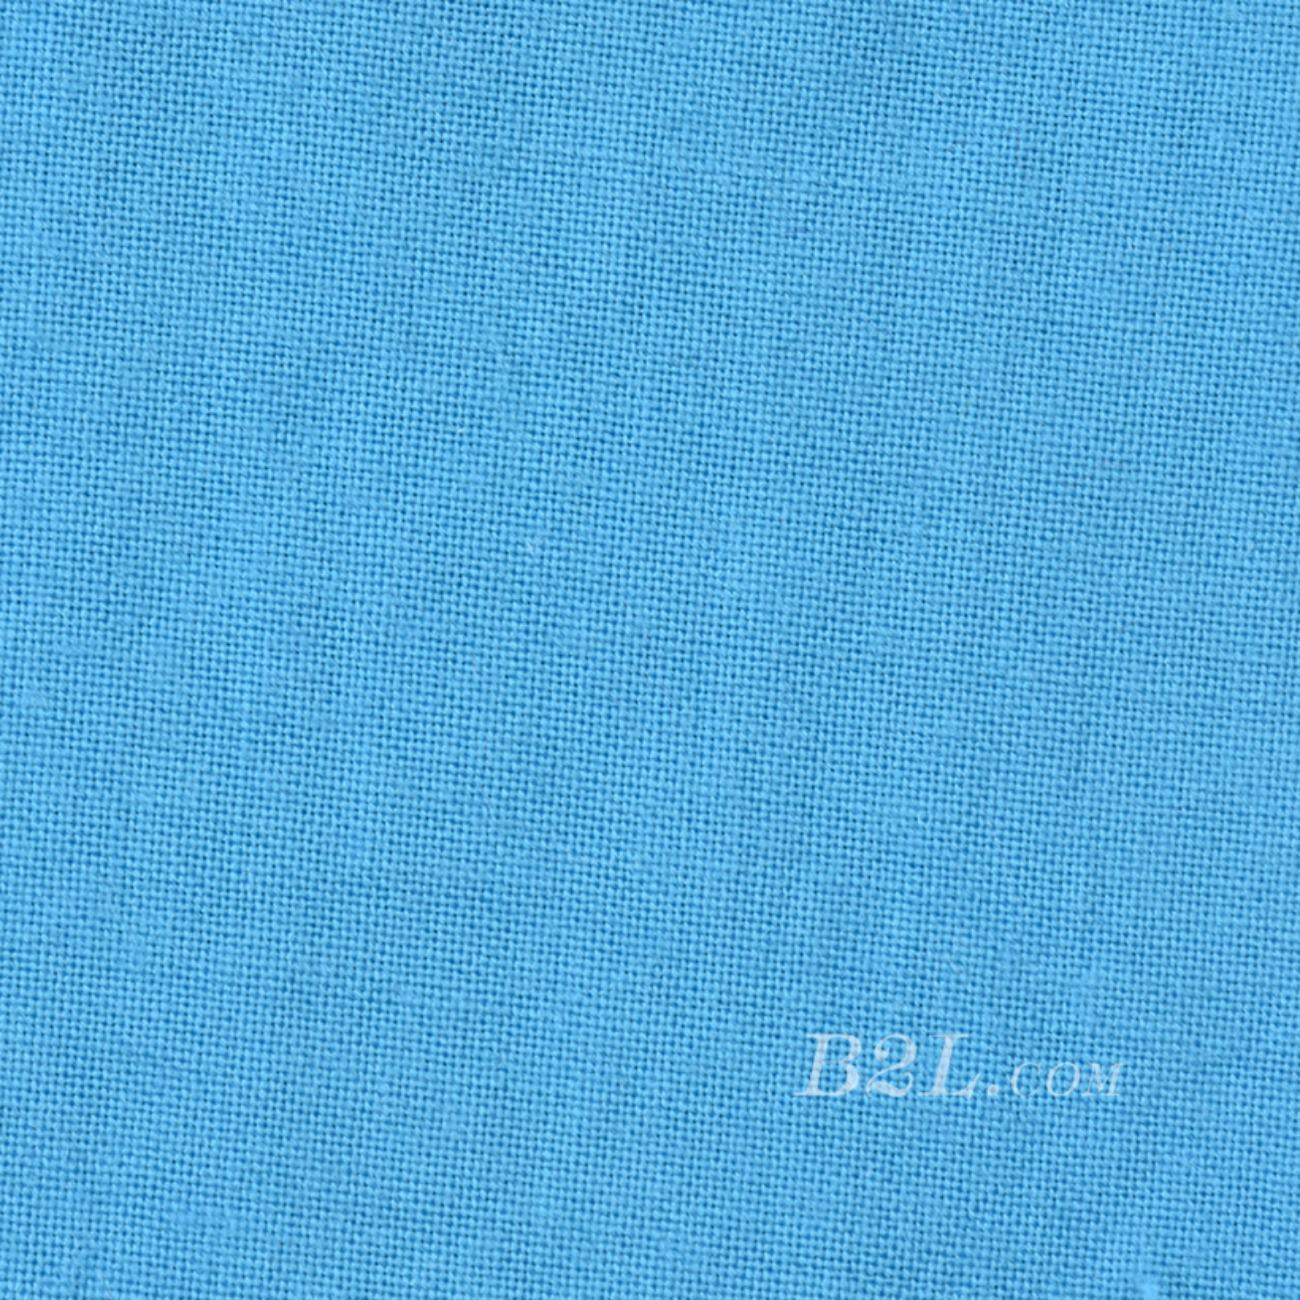 素色 梭织 染色 无弹 连衣裙 衬衫 柔软 细腻 女装 春夏 71116-33